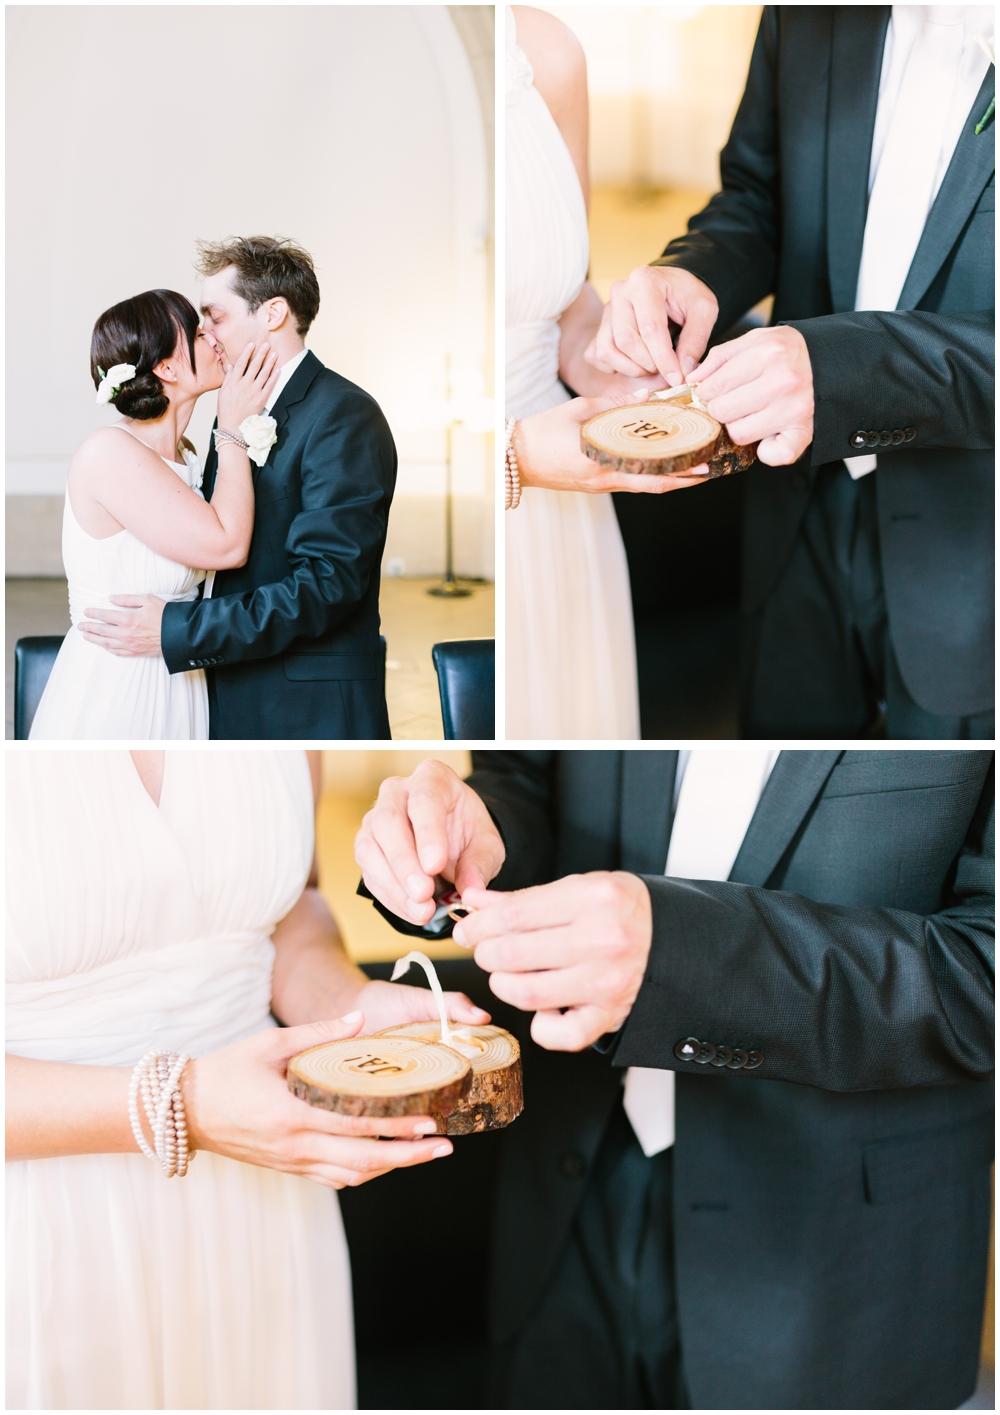 LE HAI LINH Photography-Hochzeitsfotograf-Standesamtliche-Trauung-im-historischen-rathaus-koeln-leonie-henning_0080.jpg